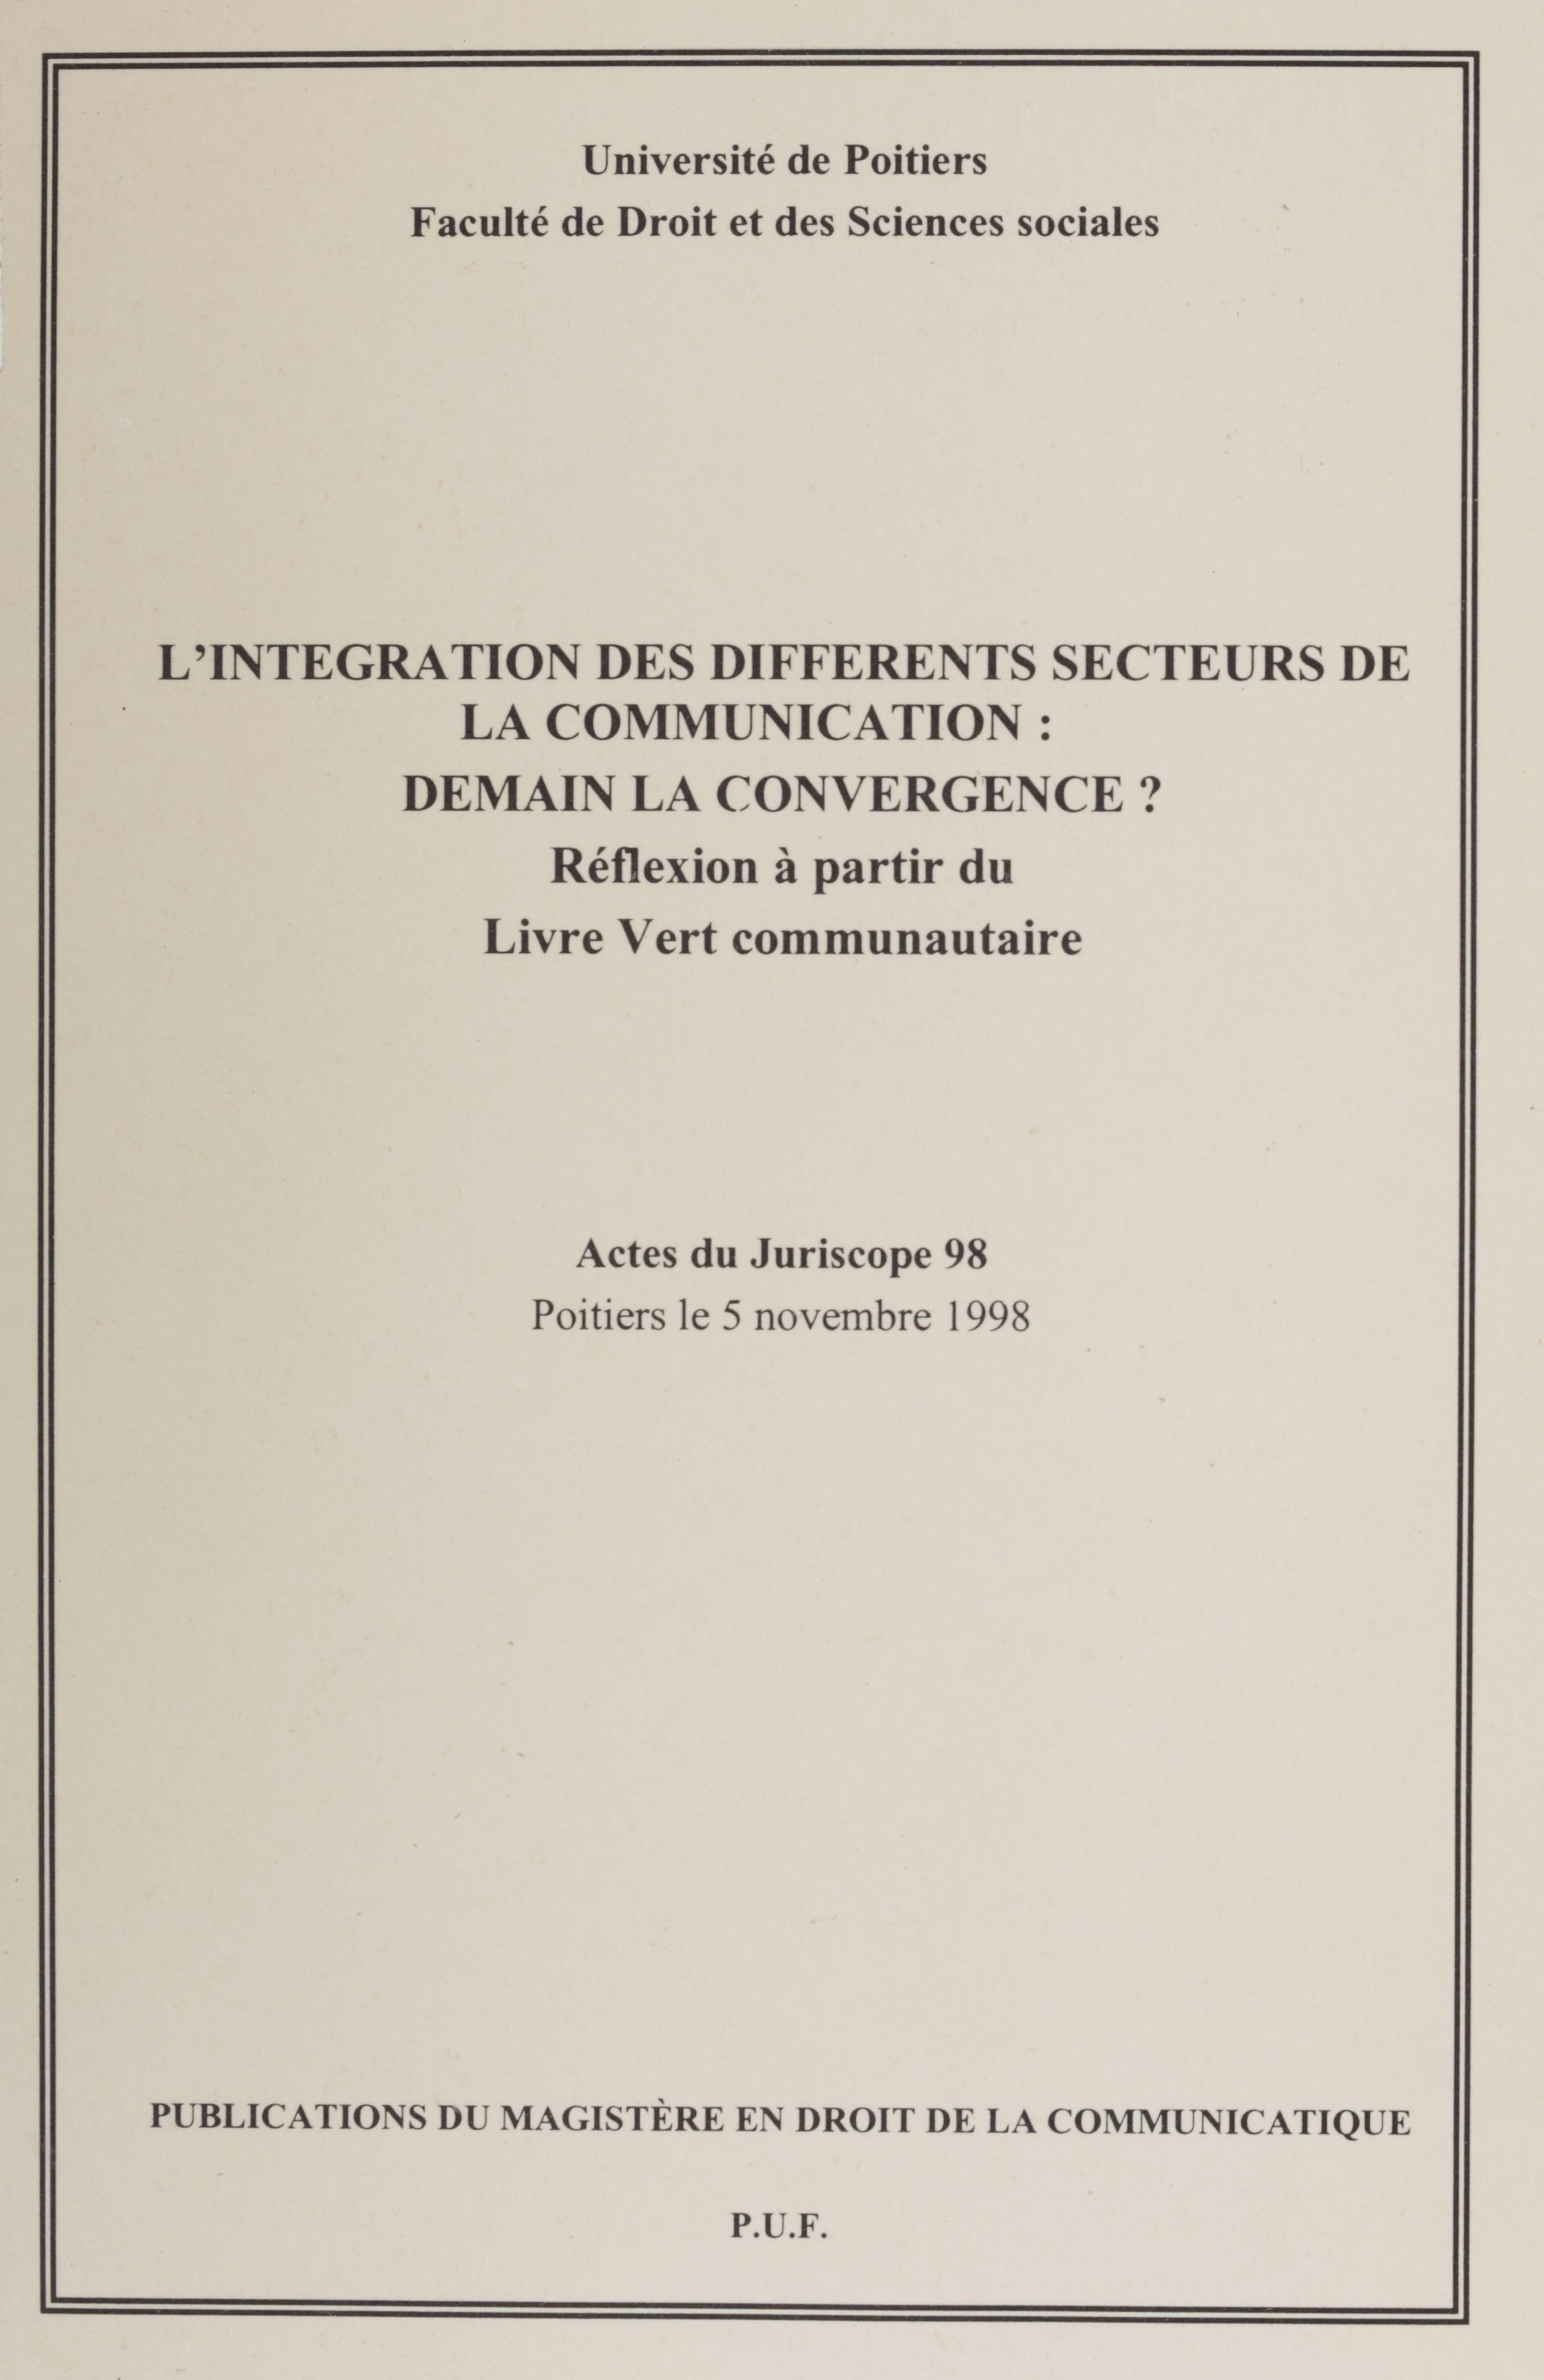 L'Intégration des différents secteurs de la communication : demain la convergence ?